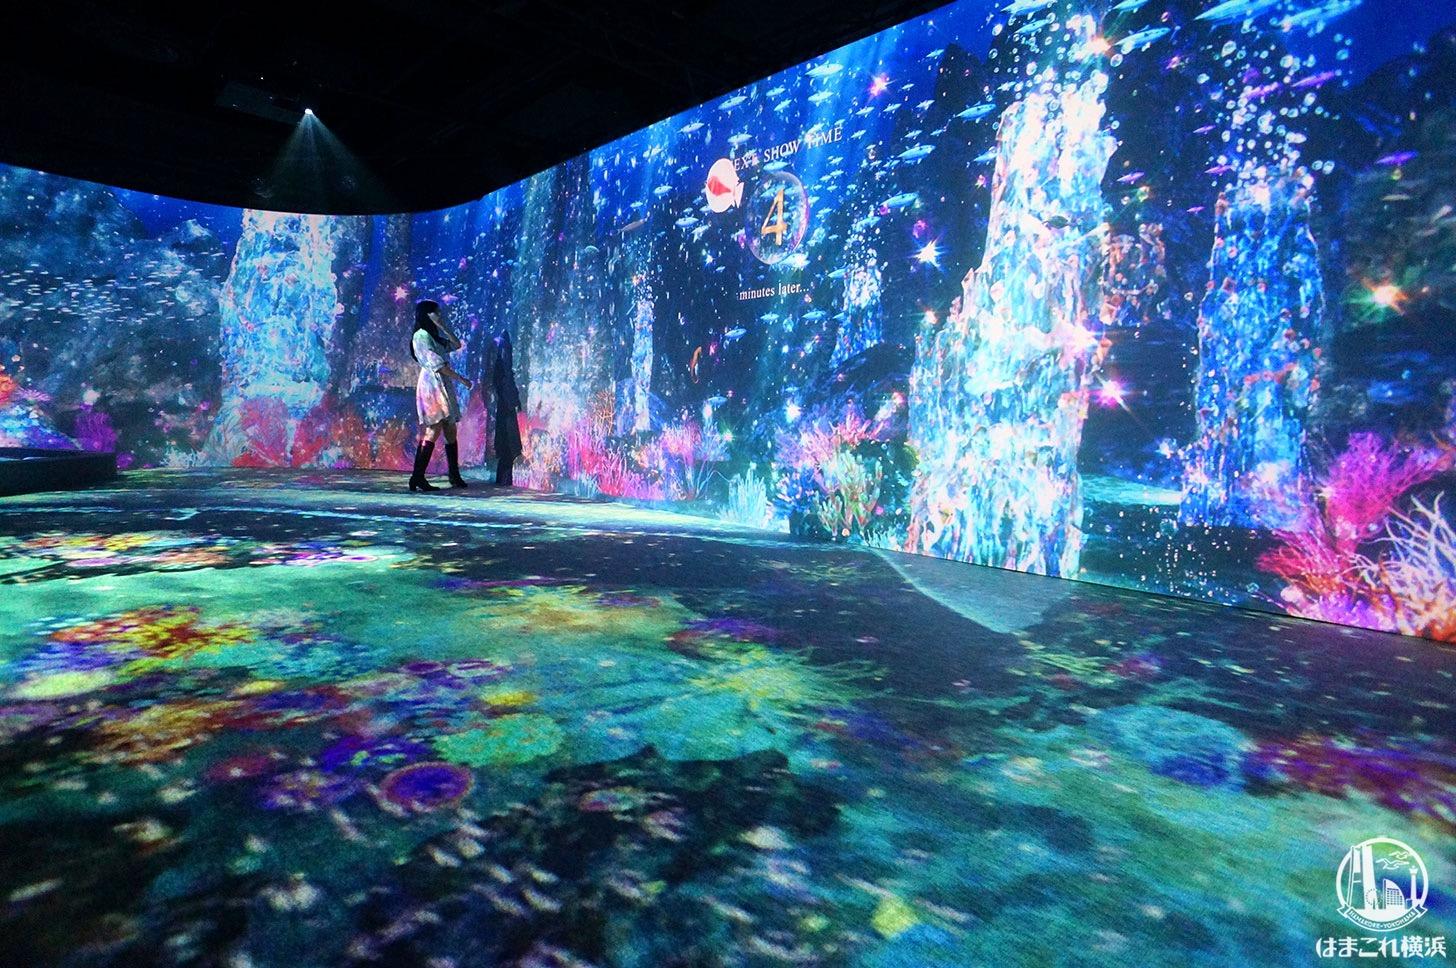 オーシャン バイ ネイキッド 光の深海展「プロジェクションマッピング」